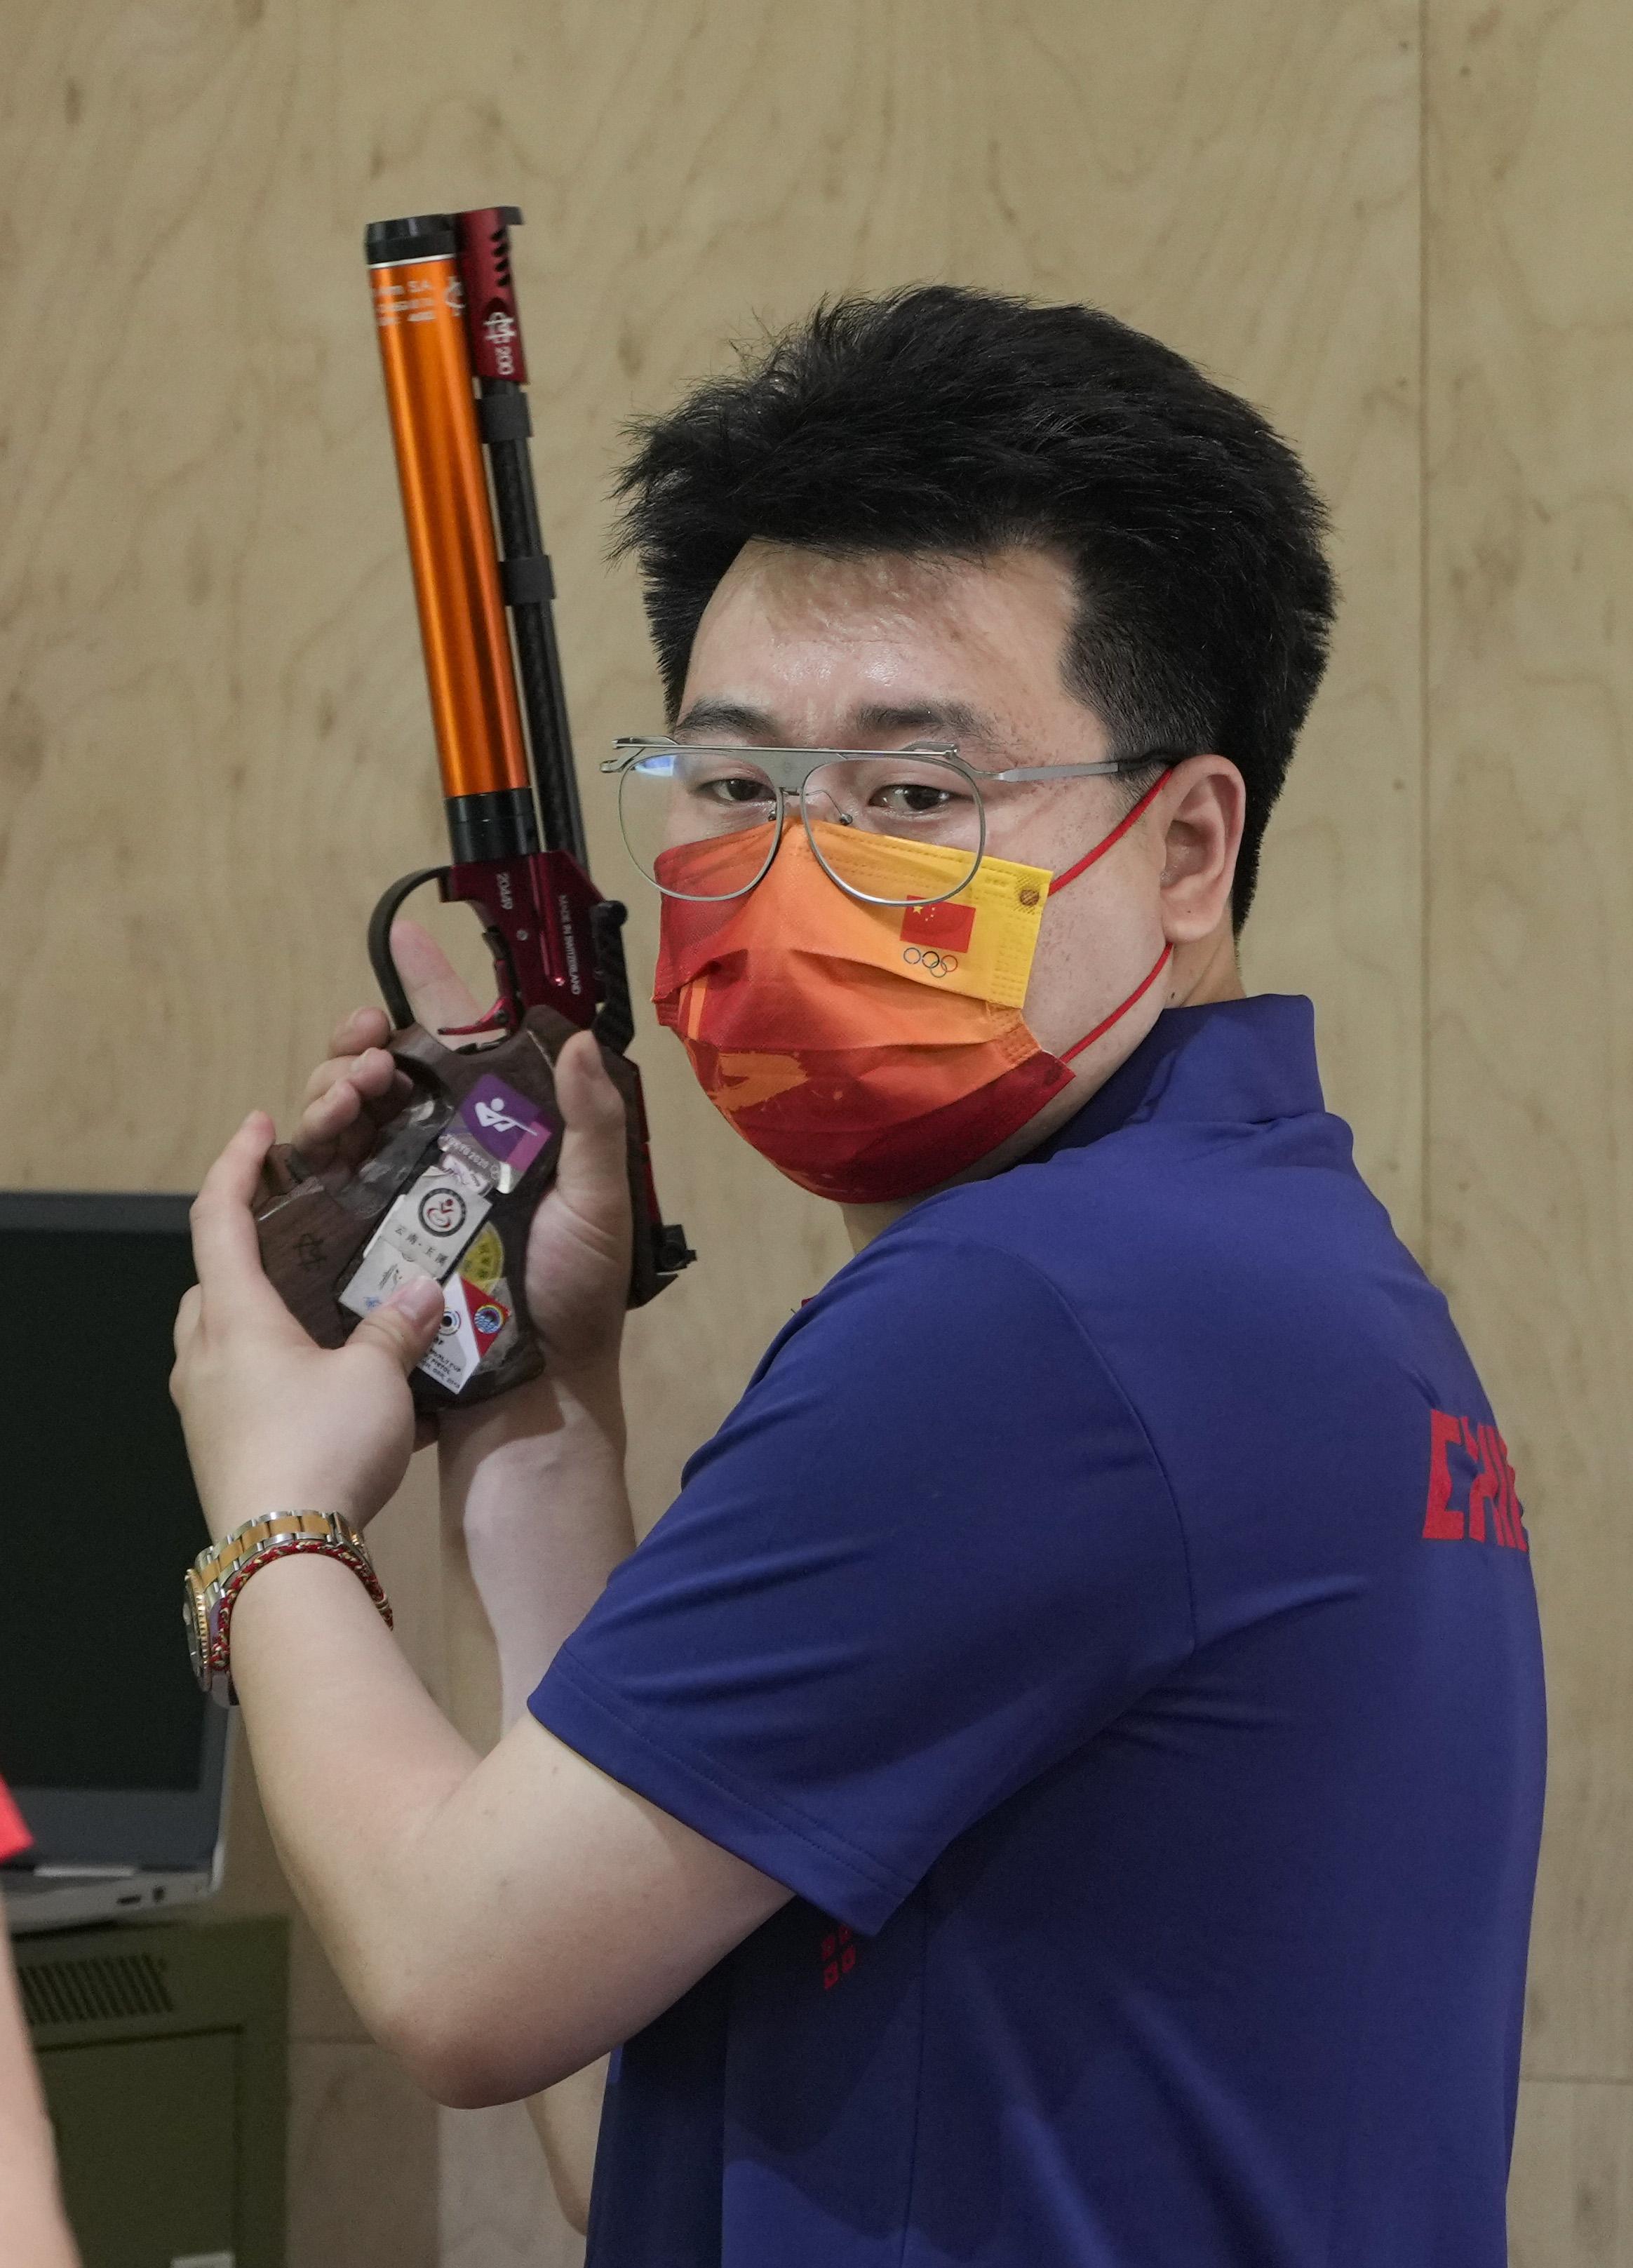 庞伟继续为了金牌冲击。